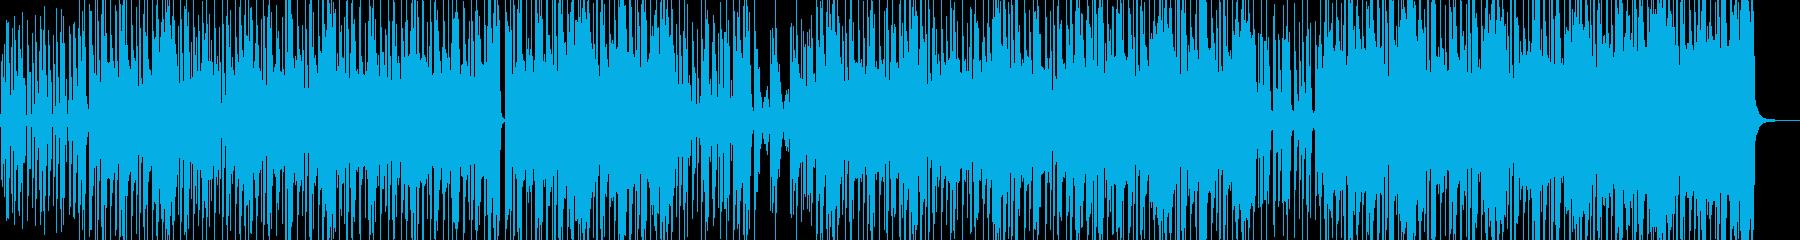 ストリート育ちイメージのヒップホップ Cの再生済みの波形